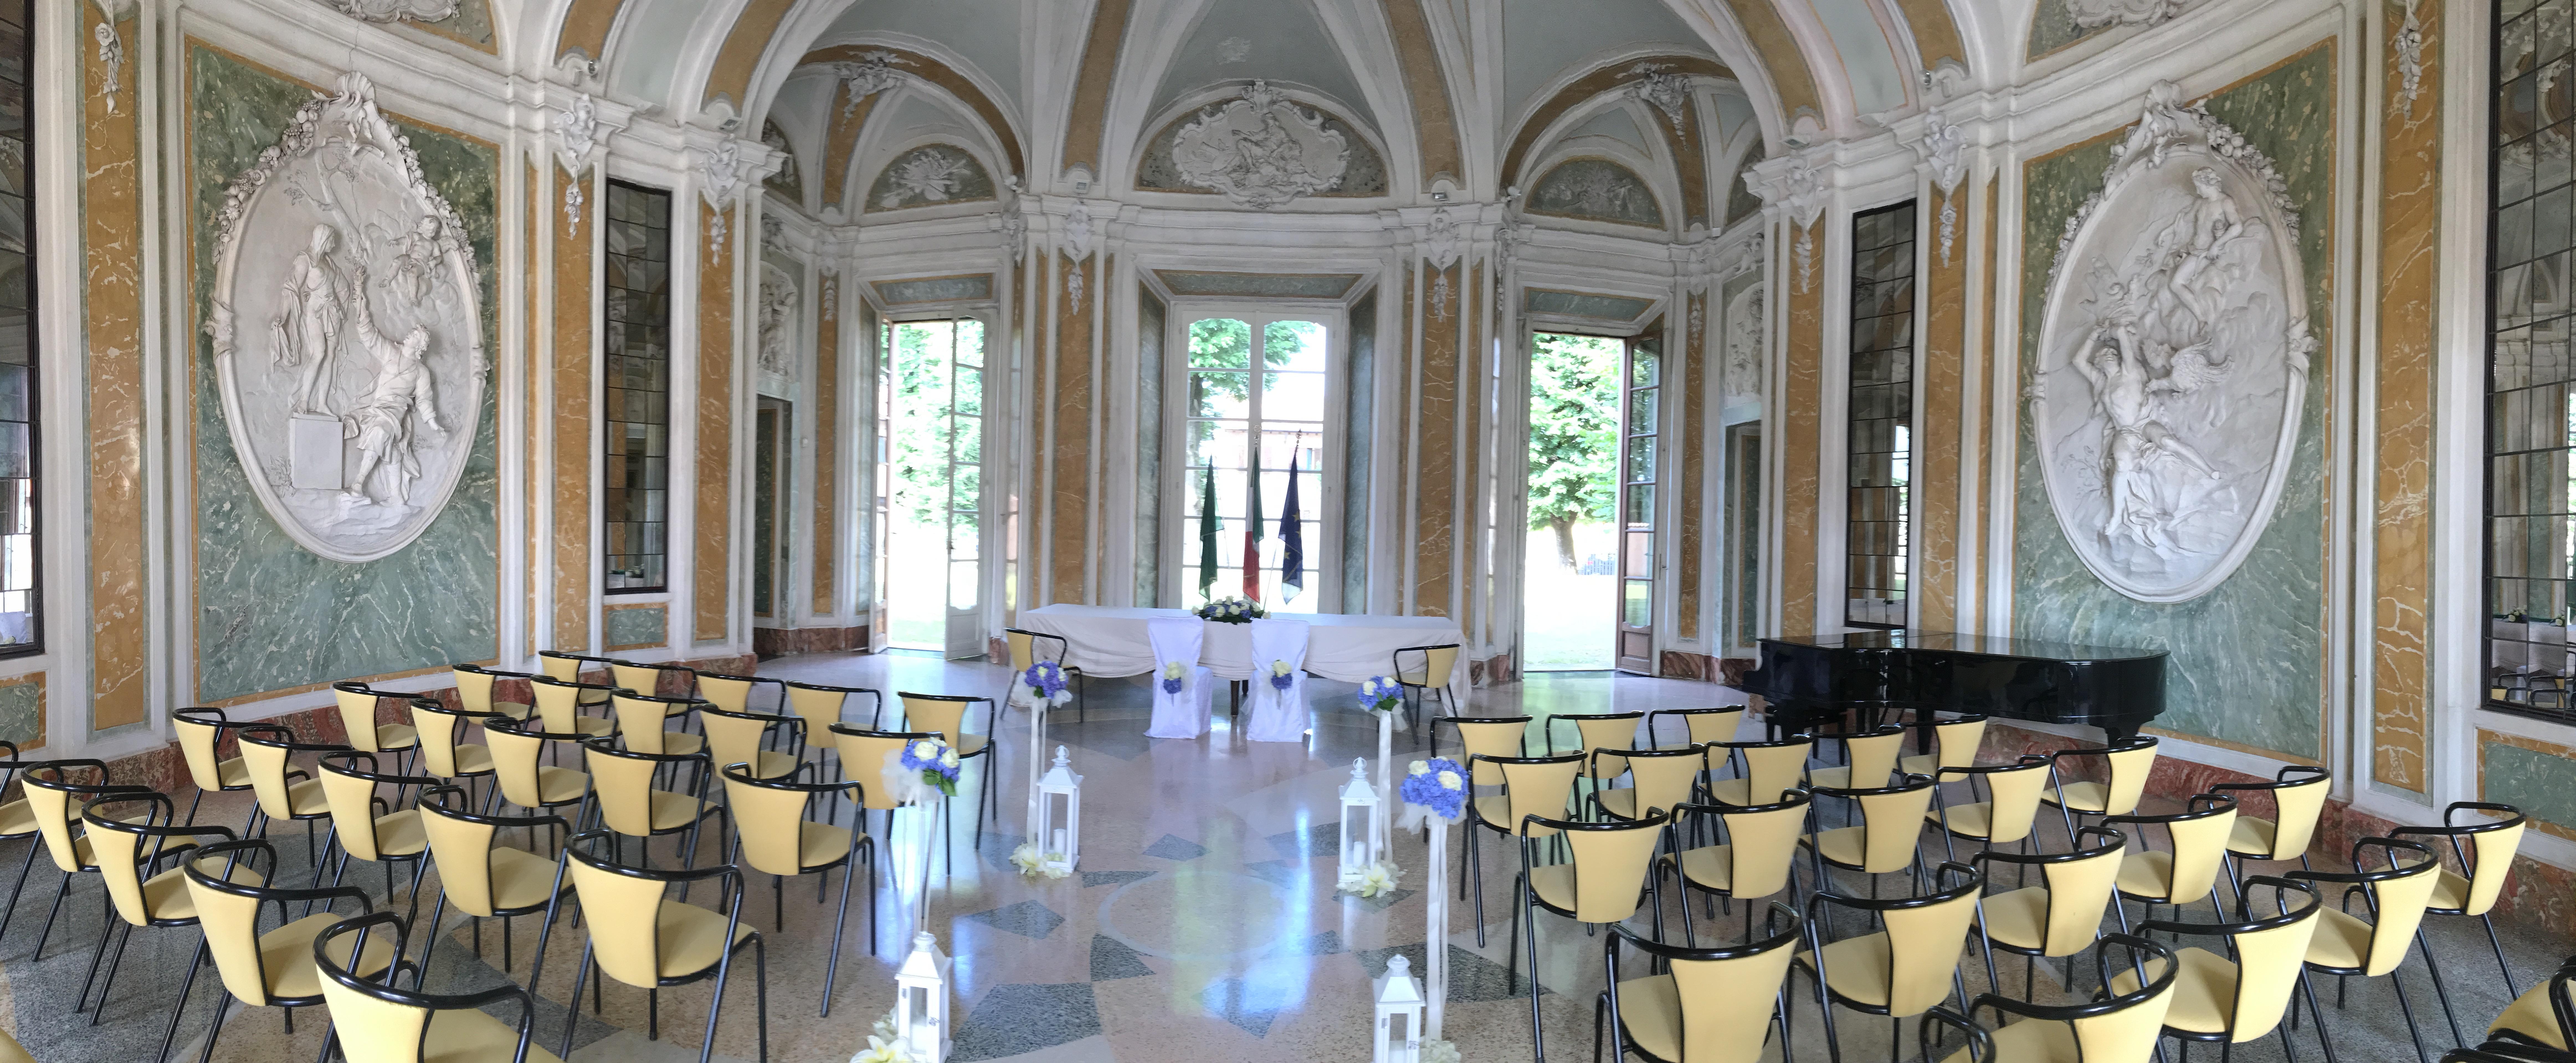 http://www.villeaperte.info/images/ville/86/images/IMG_5095.JPG